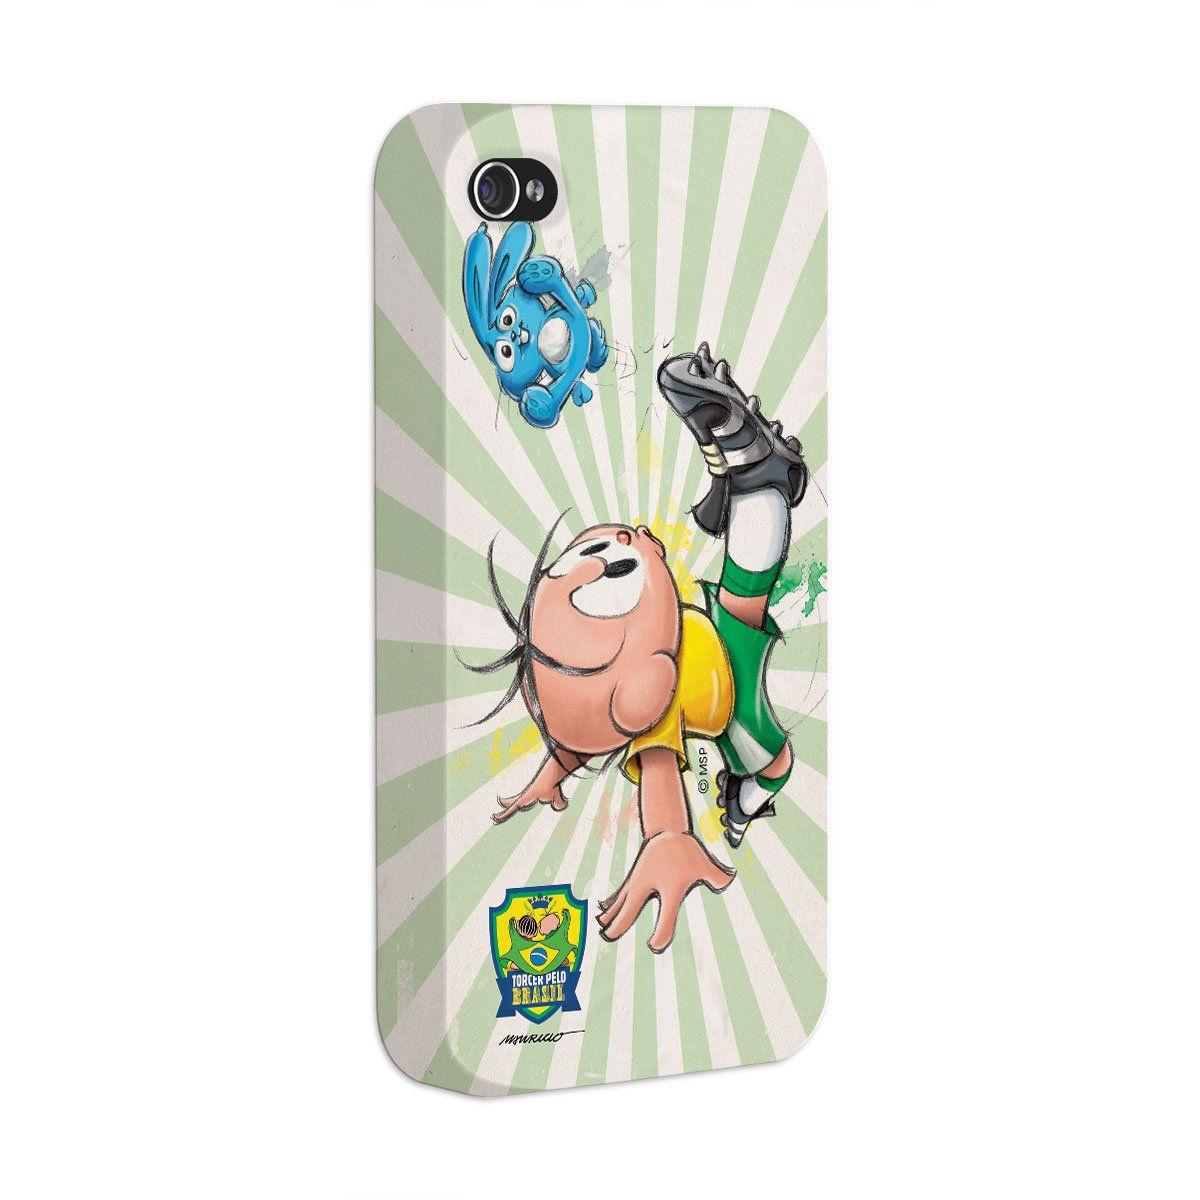 Capa de iPhone 4/4S Turma da Mônica Jogador Cebolinha